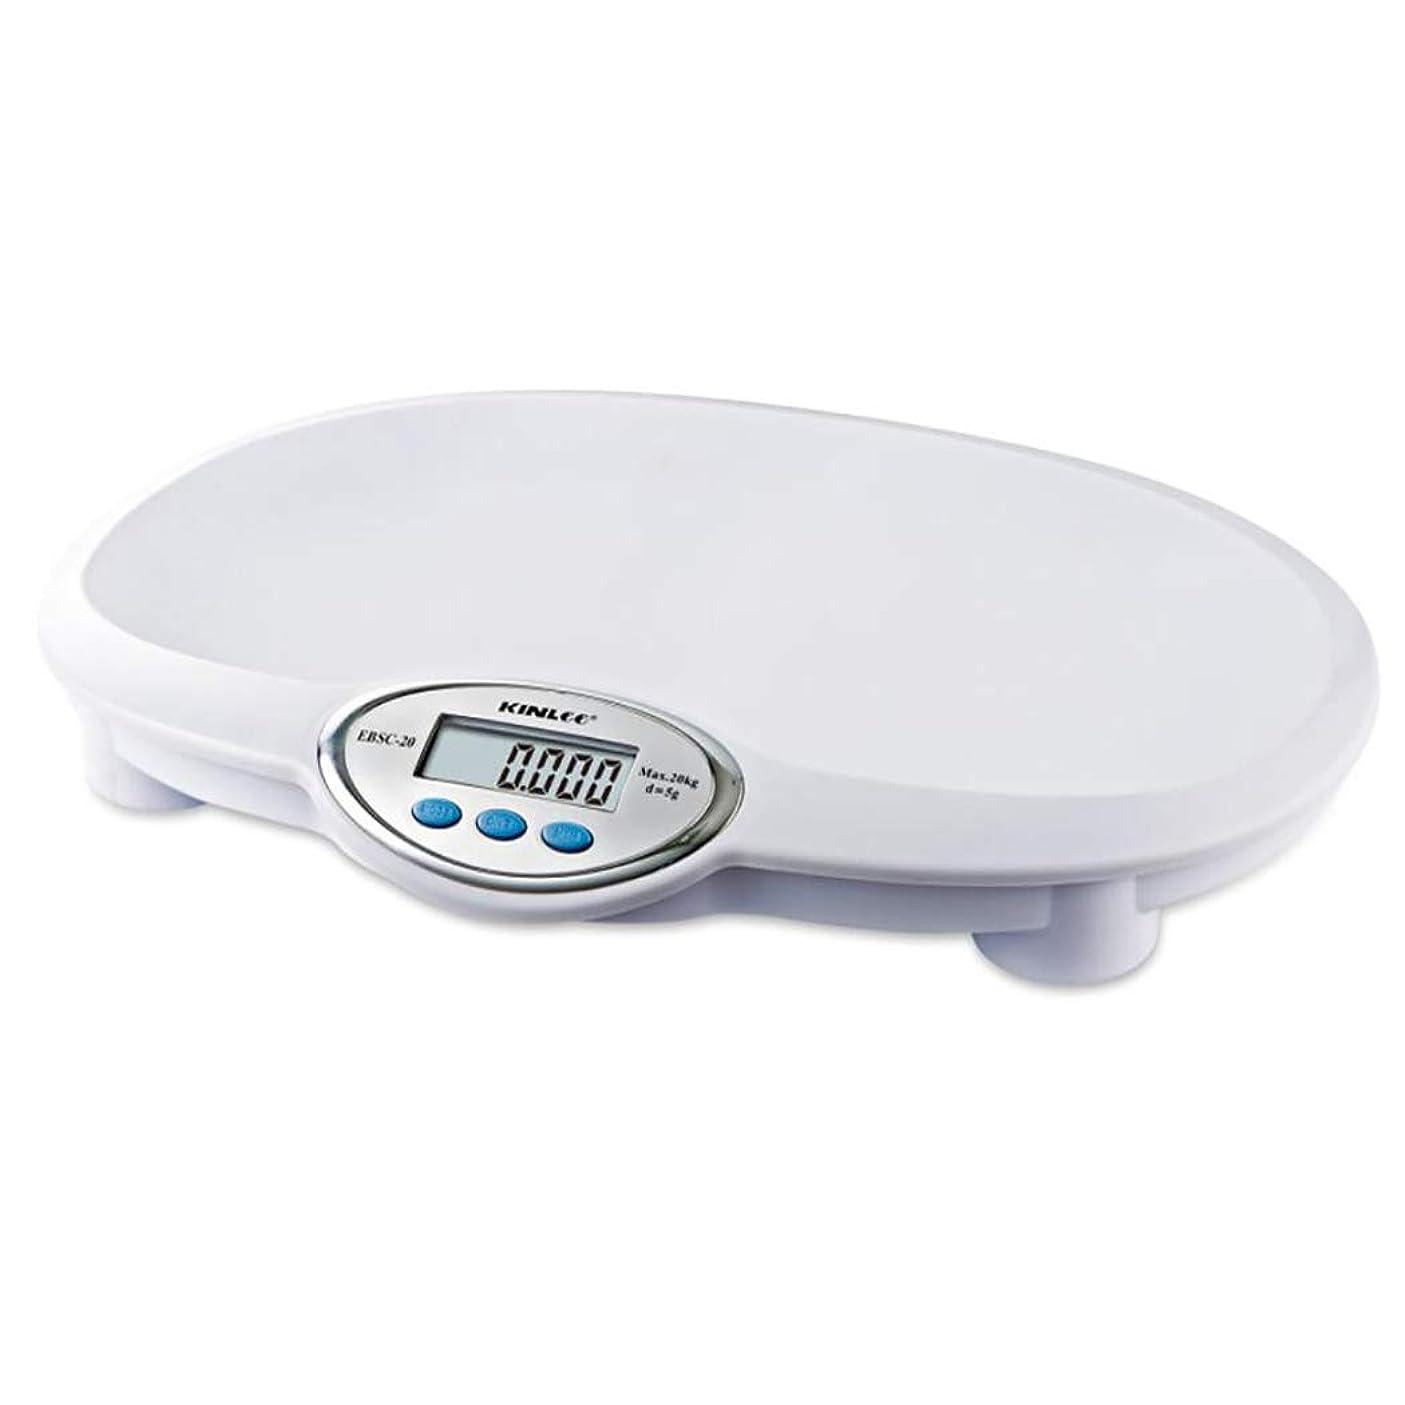 効能縁石愚かなHSBAIS デジタル電子ベビースケール、多機能新生児体重計、幼児幼児赤ちゃん犬猫ペット、20 kg / 44ポンド,white